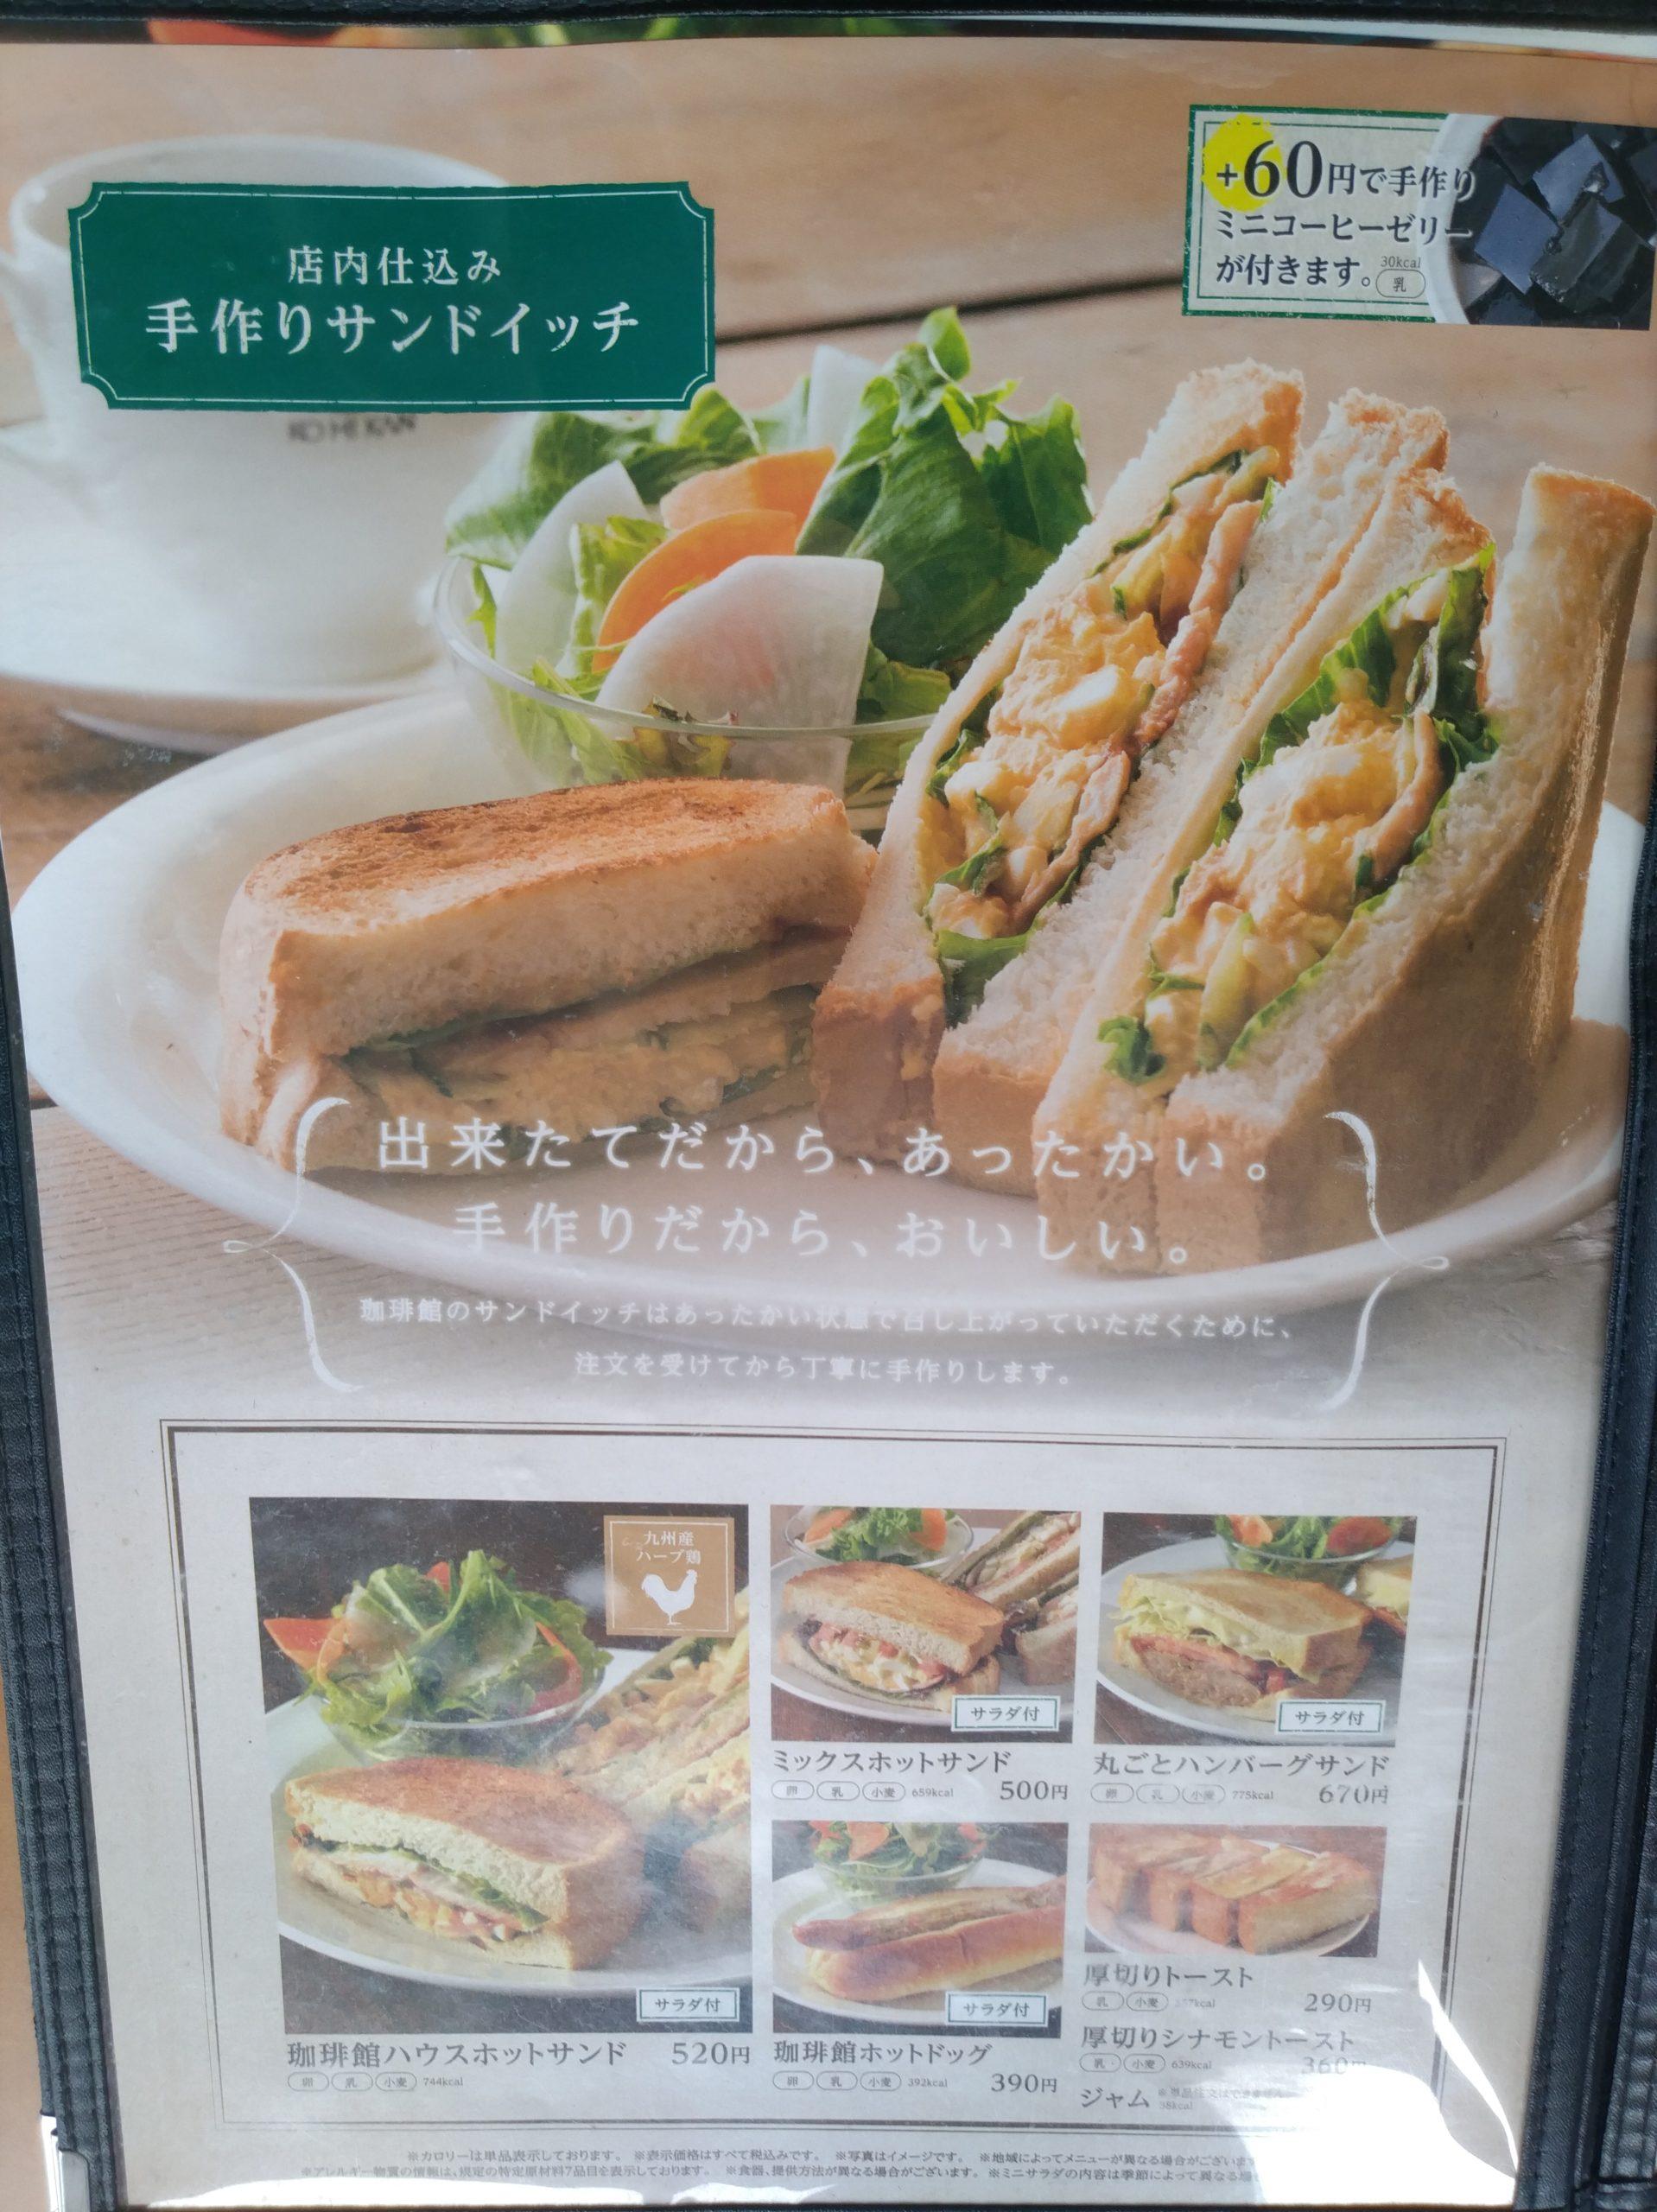 厚切りシナモントースト 珈琲館 サンドイッチメニュー